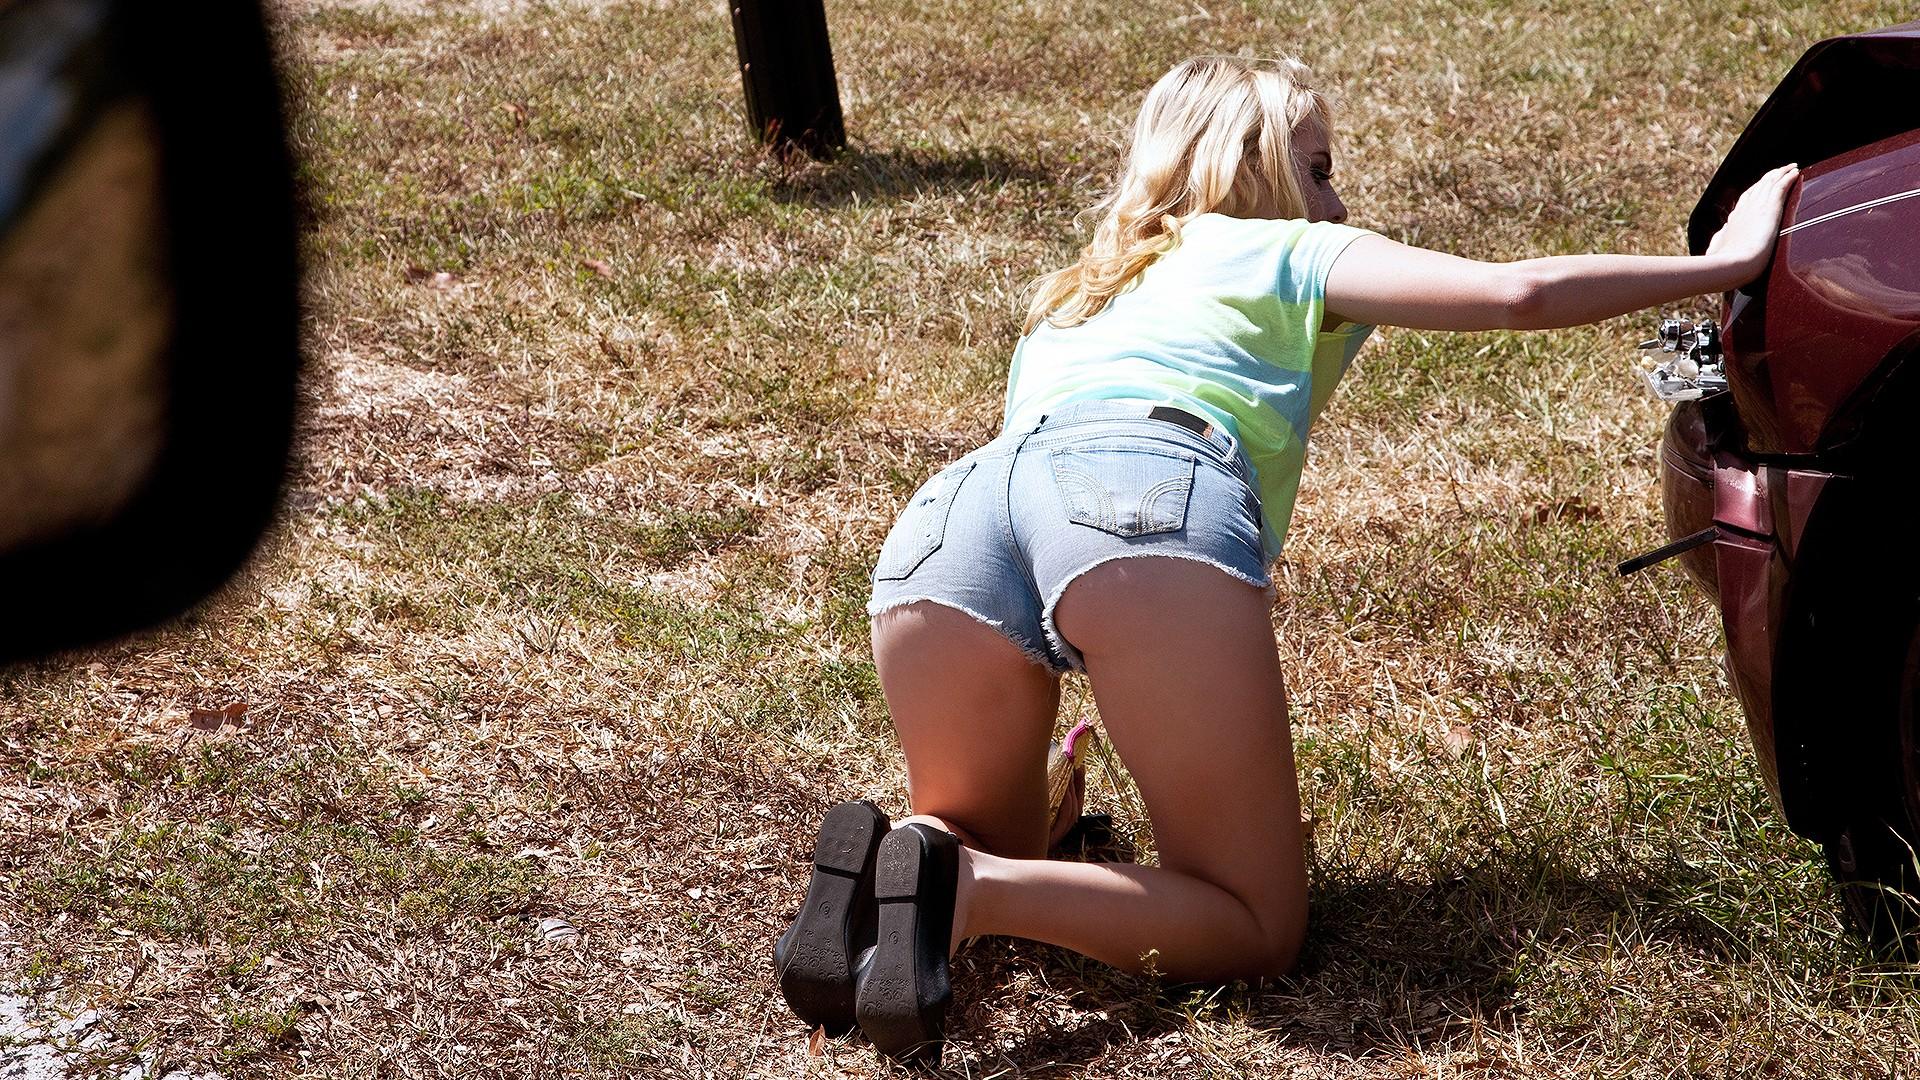 Blonde's Juicy Booty Bounces - Stranded Teens